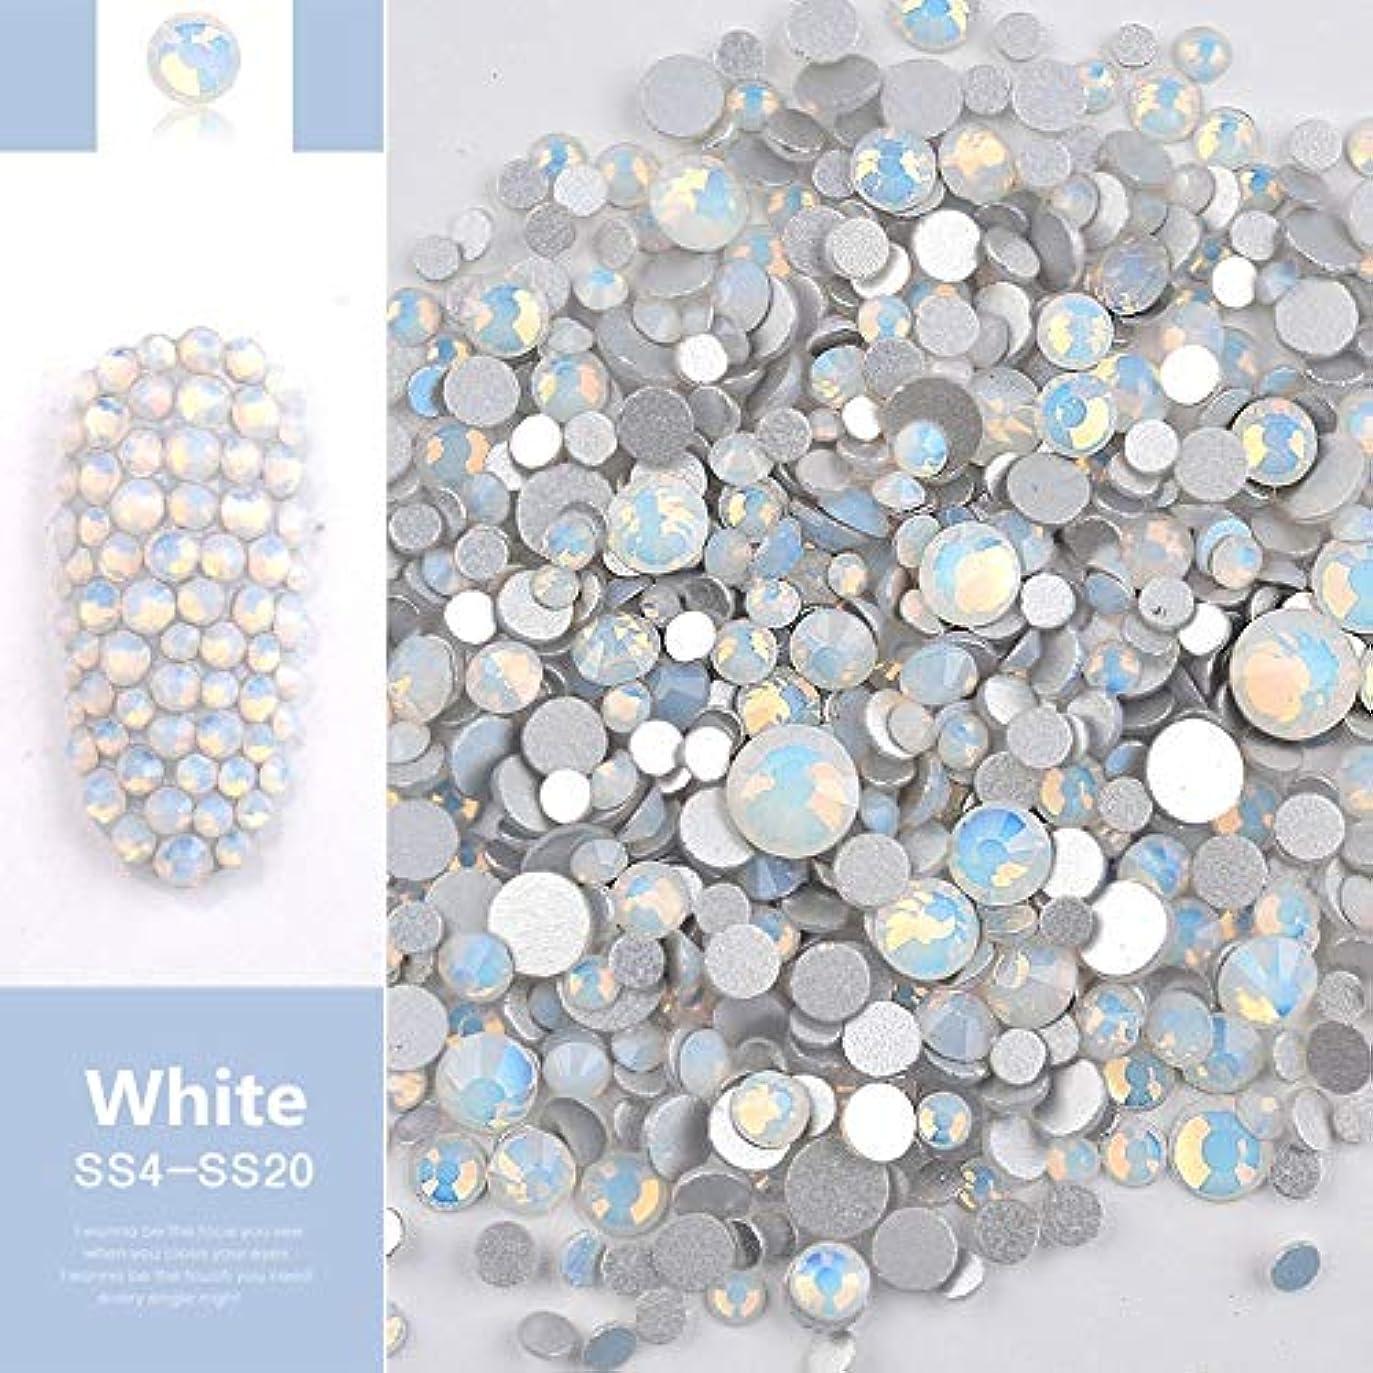 リラックスしたやりがいのある月面Jiaoran ビーズ樹脂クリスタルラウンドネイルアートミックスフラットバックアクリルラインストーンミックスサイズ1.5-4.5 mm装飾用ネイル (Color : White)